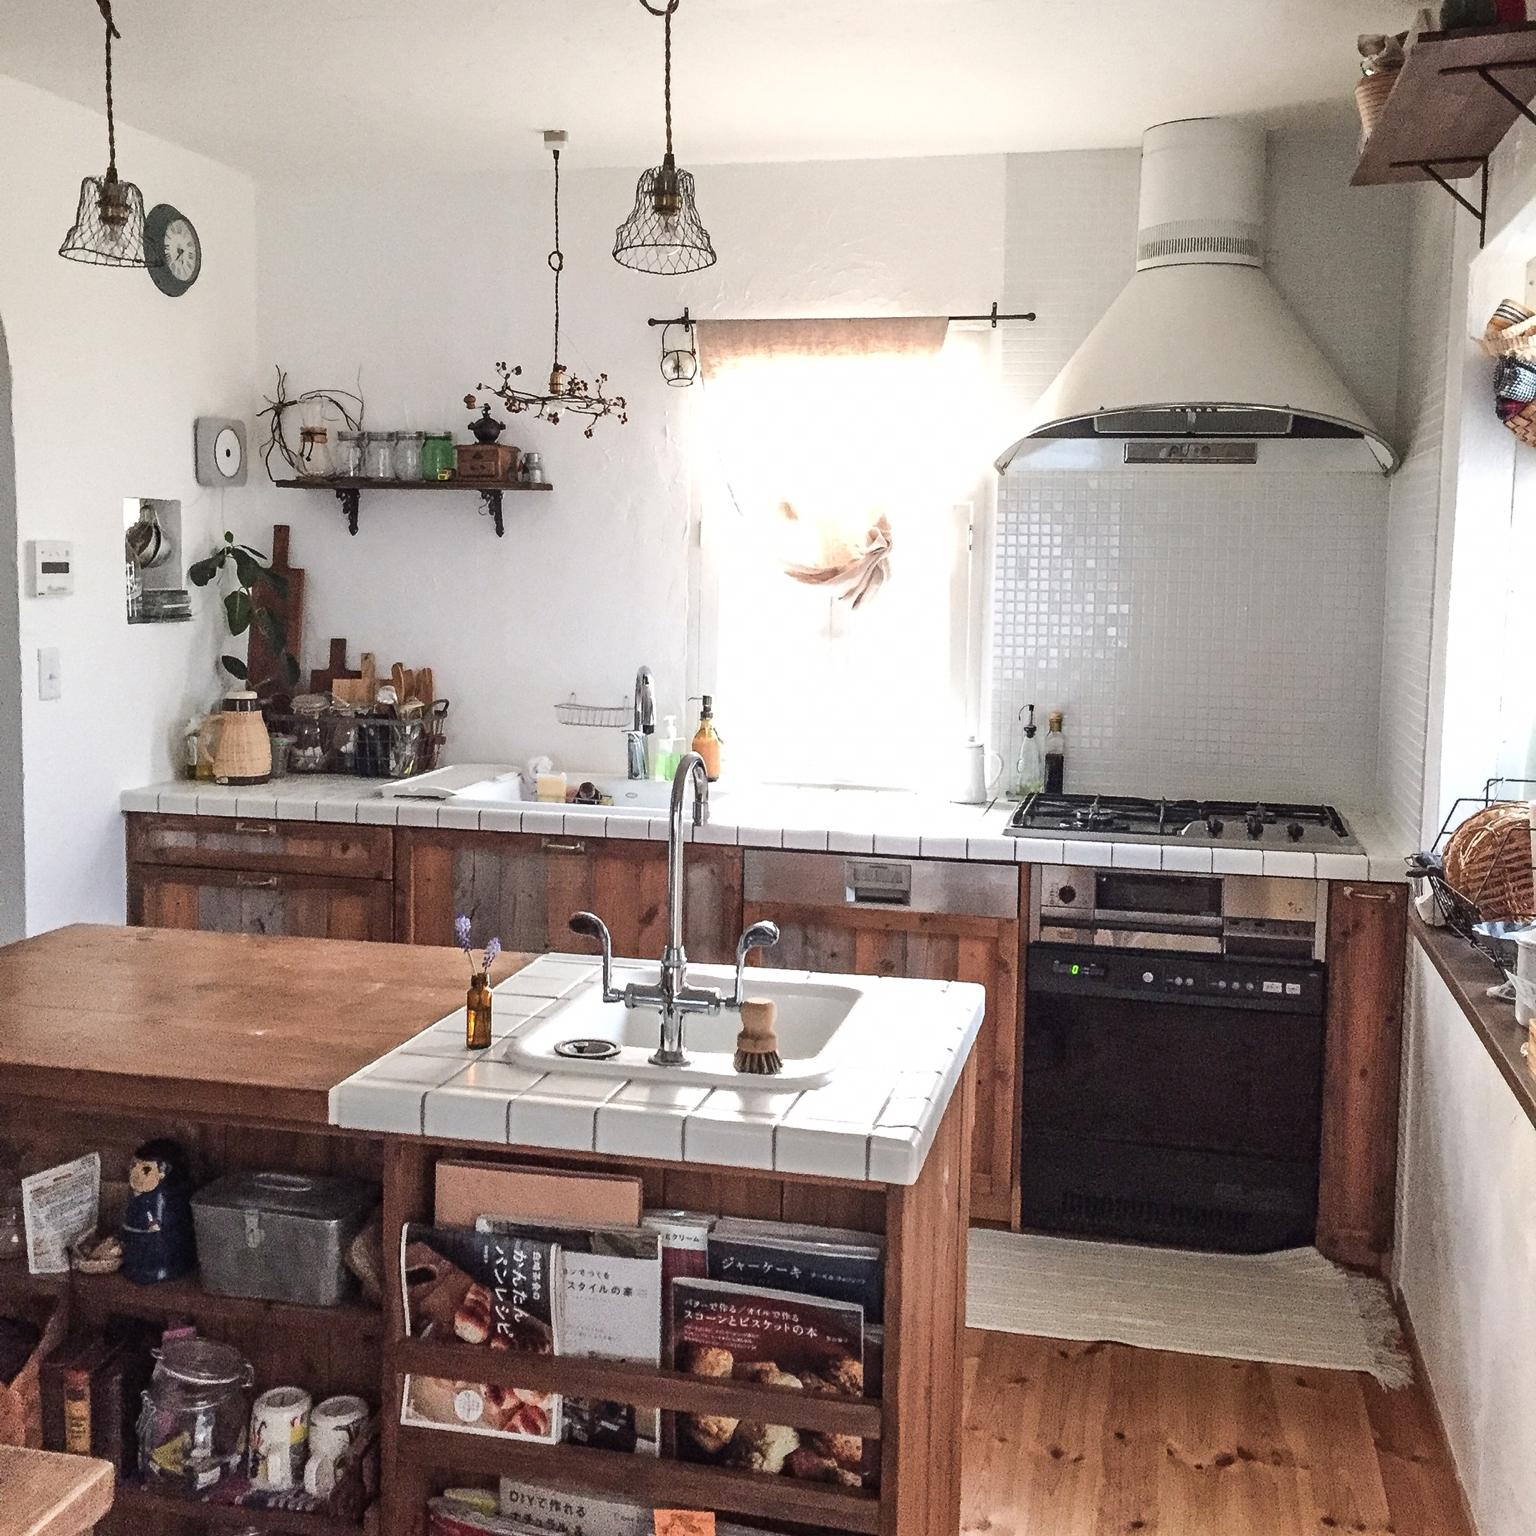 リノベーションで叶える、理想のキッチン事例集 | RoomClip mag | 暮らしとインテリアのwebマガジン